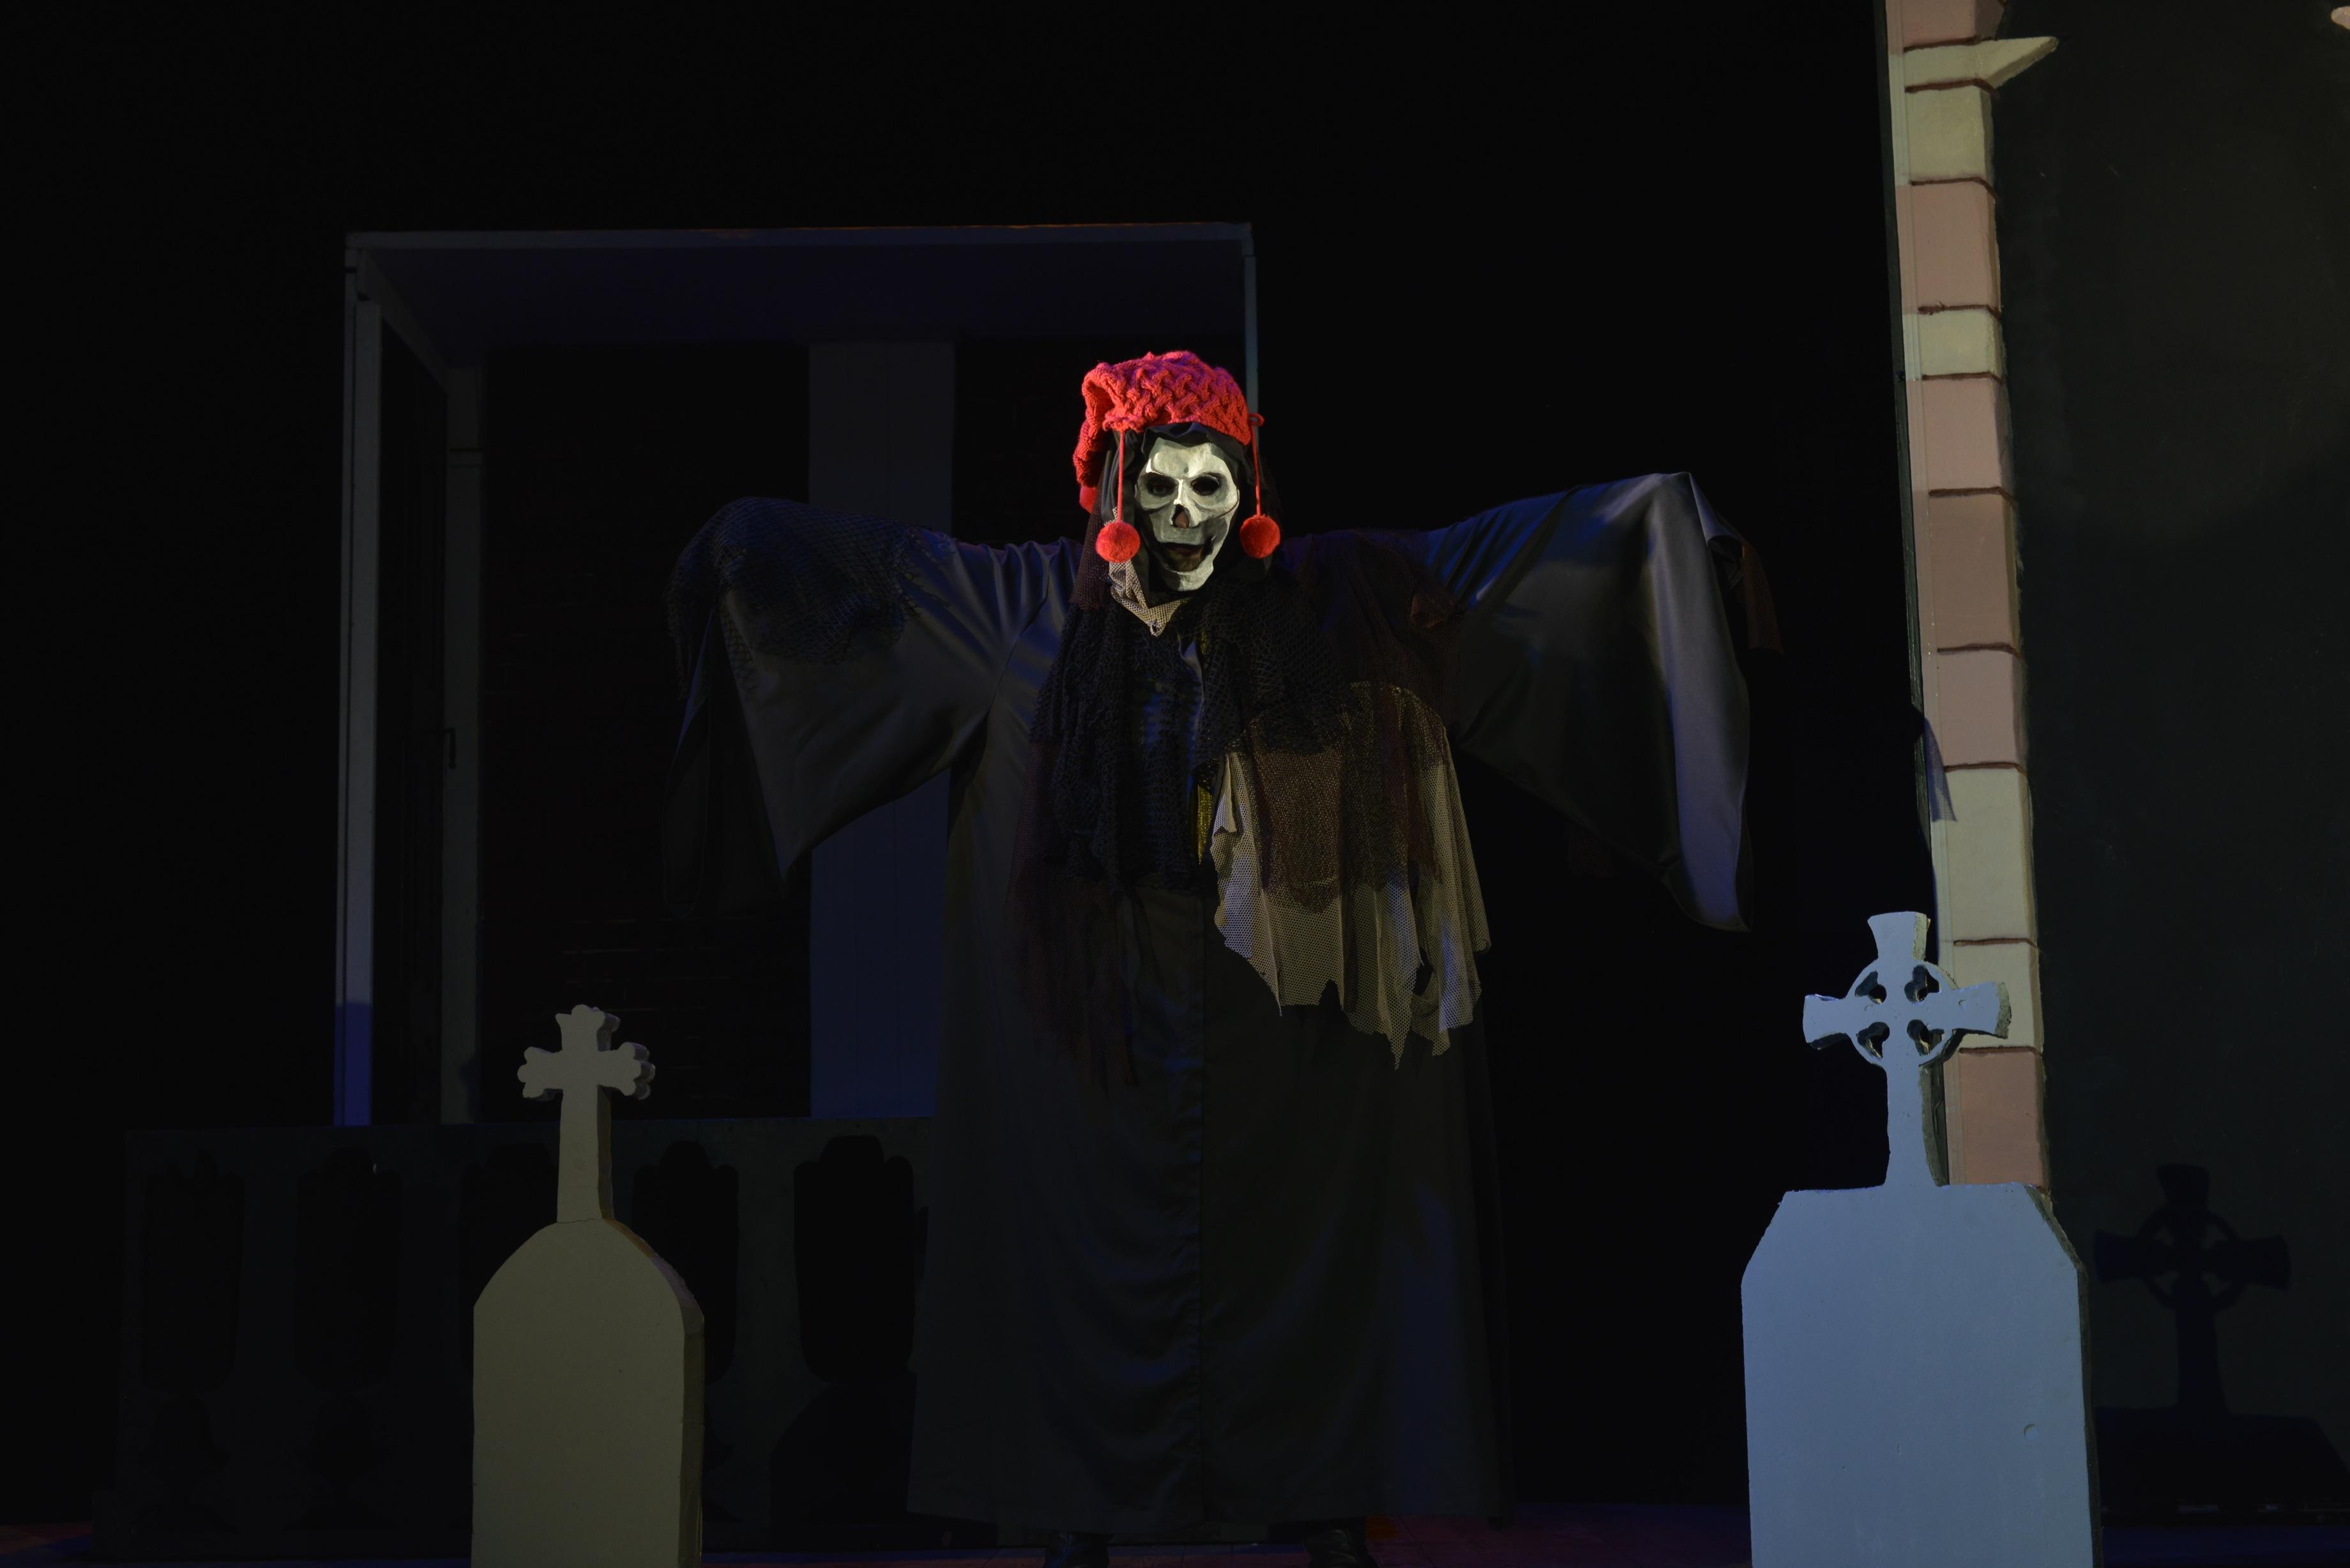 İyi Geceler Desdemona, Günaydın Juliet, Shakespeare'in 450'inci doğum günü